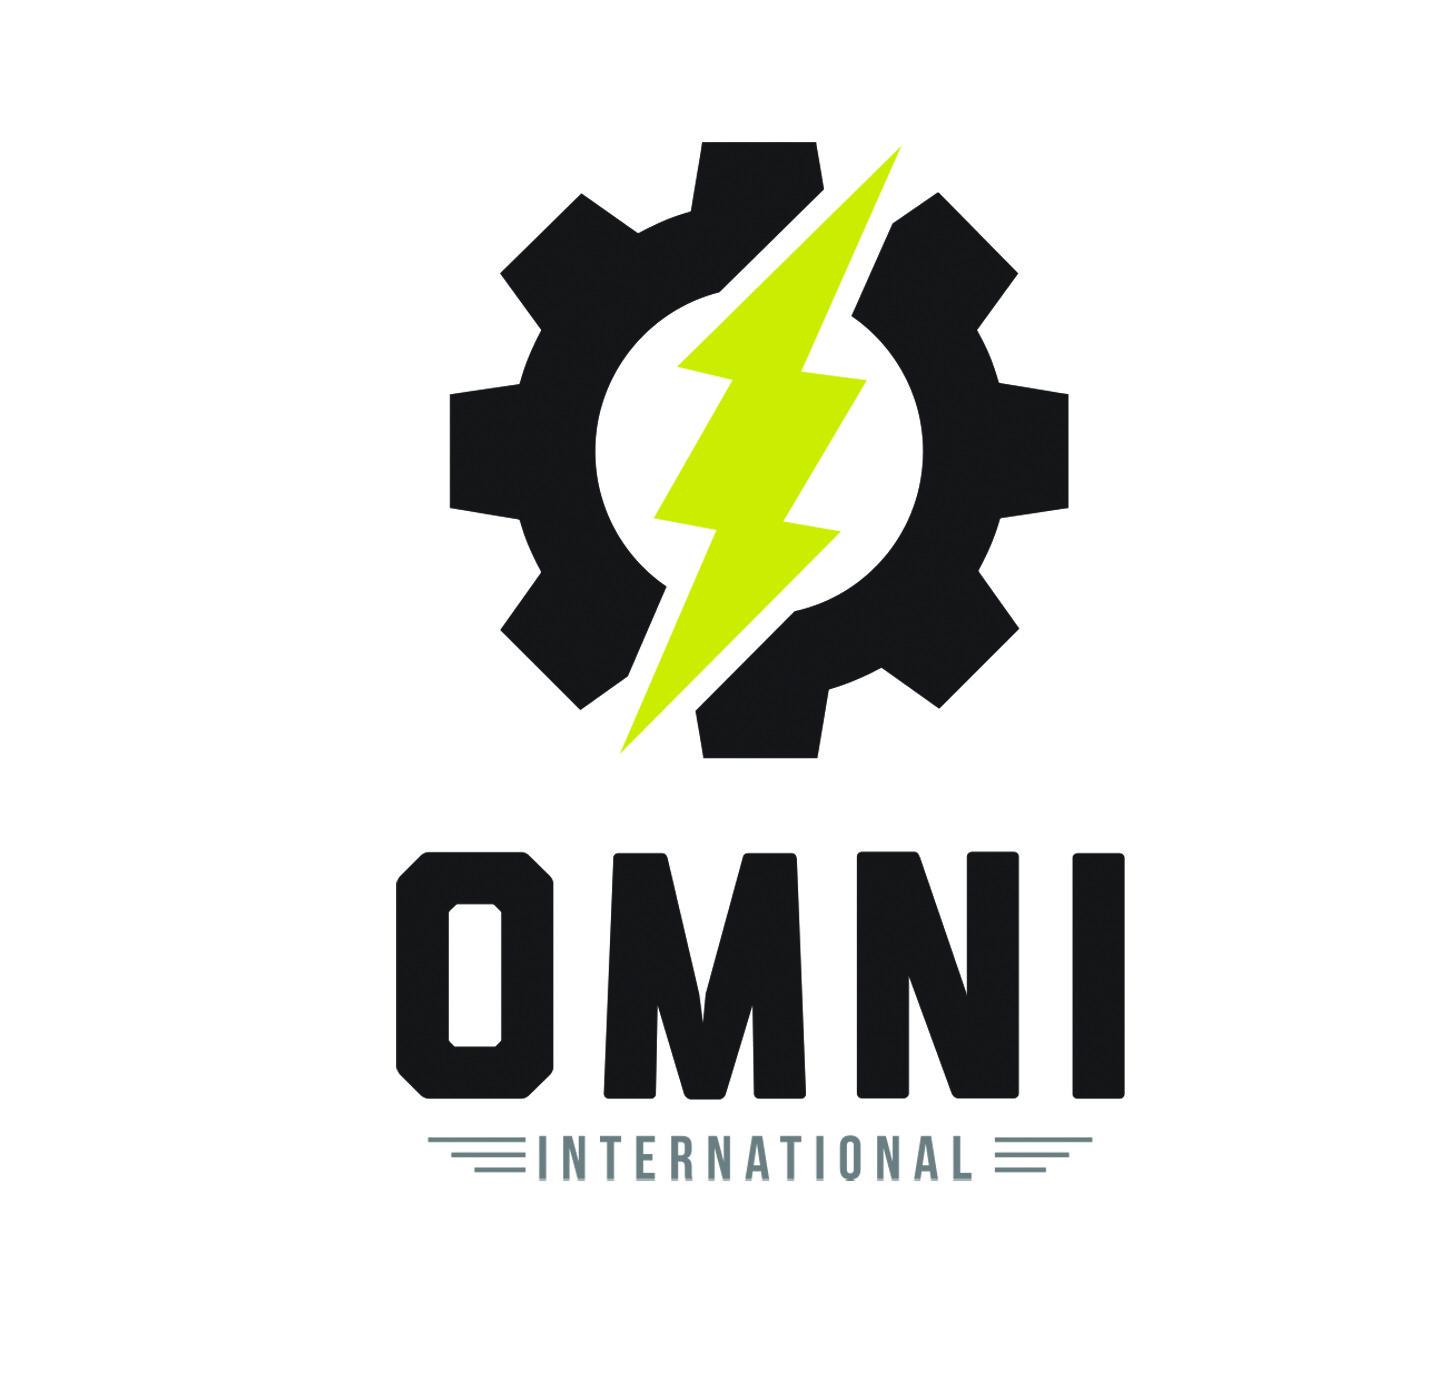 omni international electrical engineering logo [ 1446 x 1388 Pixel ]